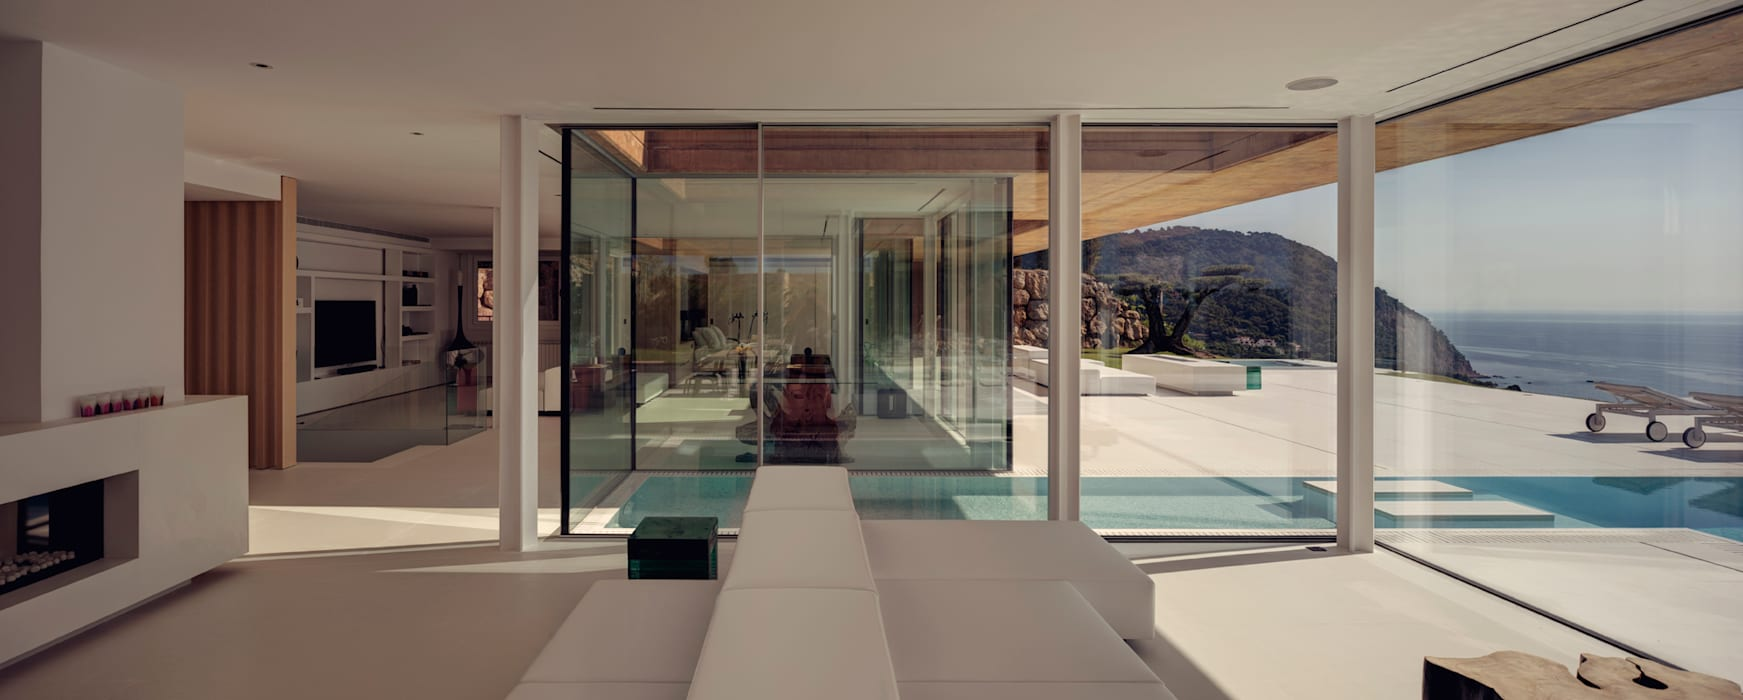 Rehabilitación de vivienda unifamiliar en Begur, Costa Brava, Baix Empordá Salones de estilo minimalista de MANO Arquitectura Minimalista